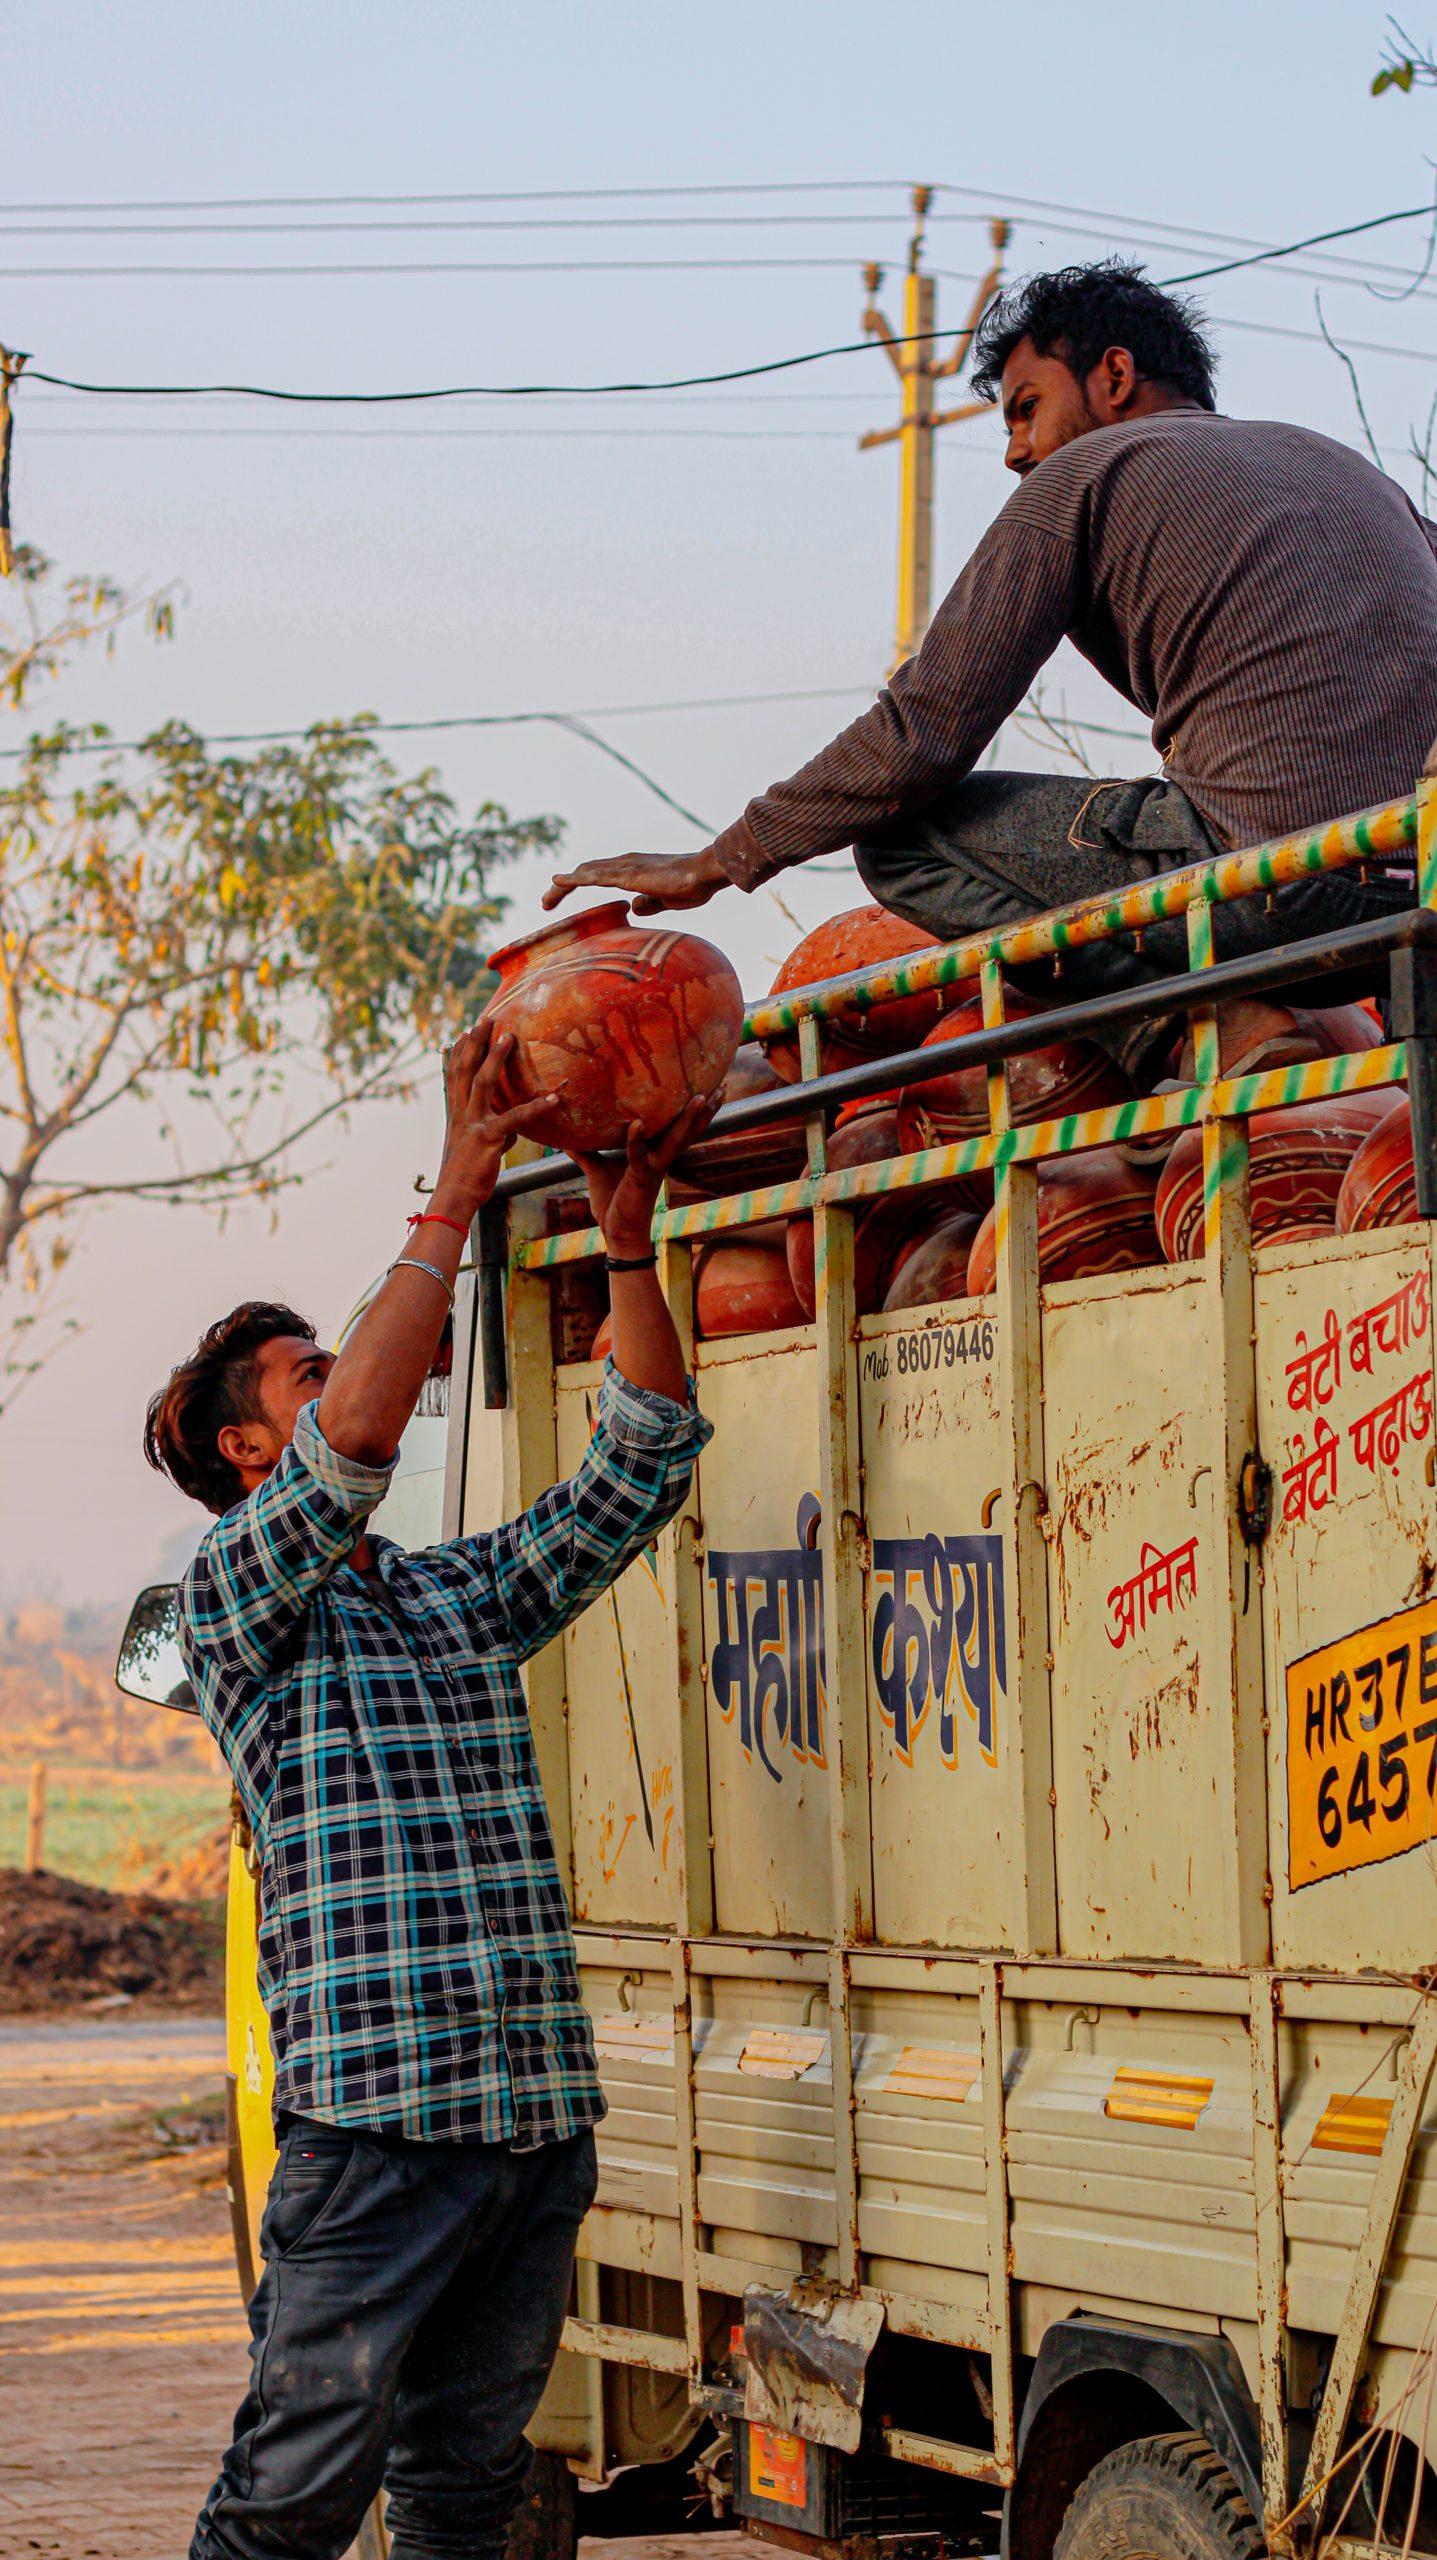 Men unloading a truck